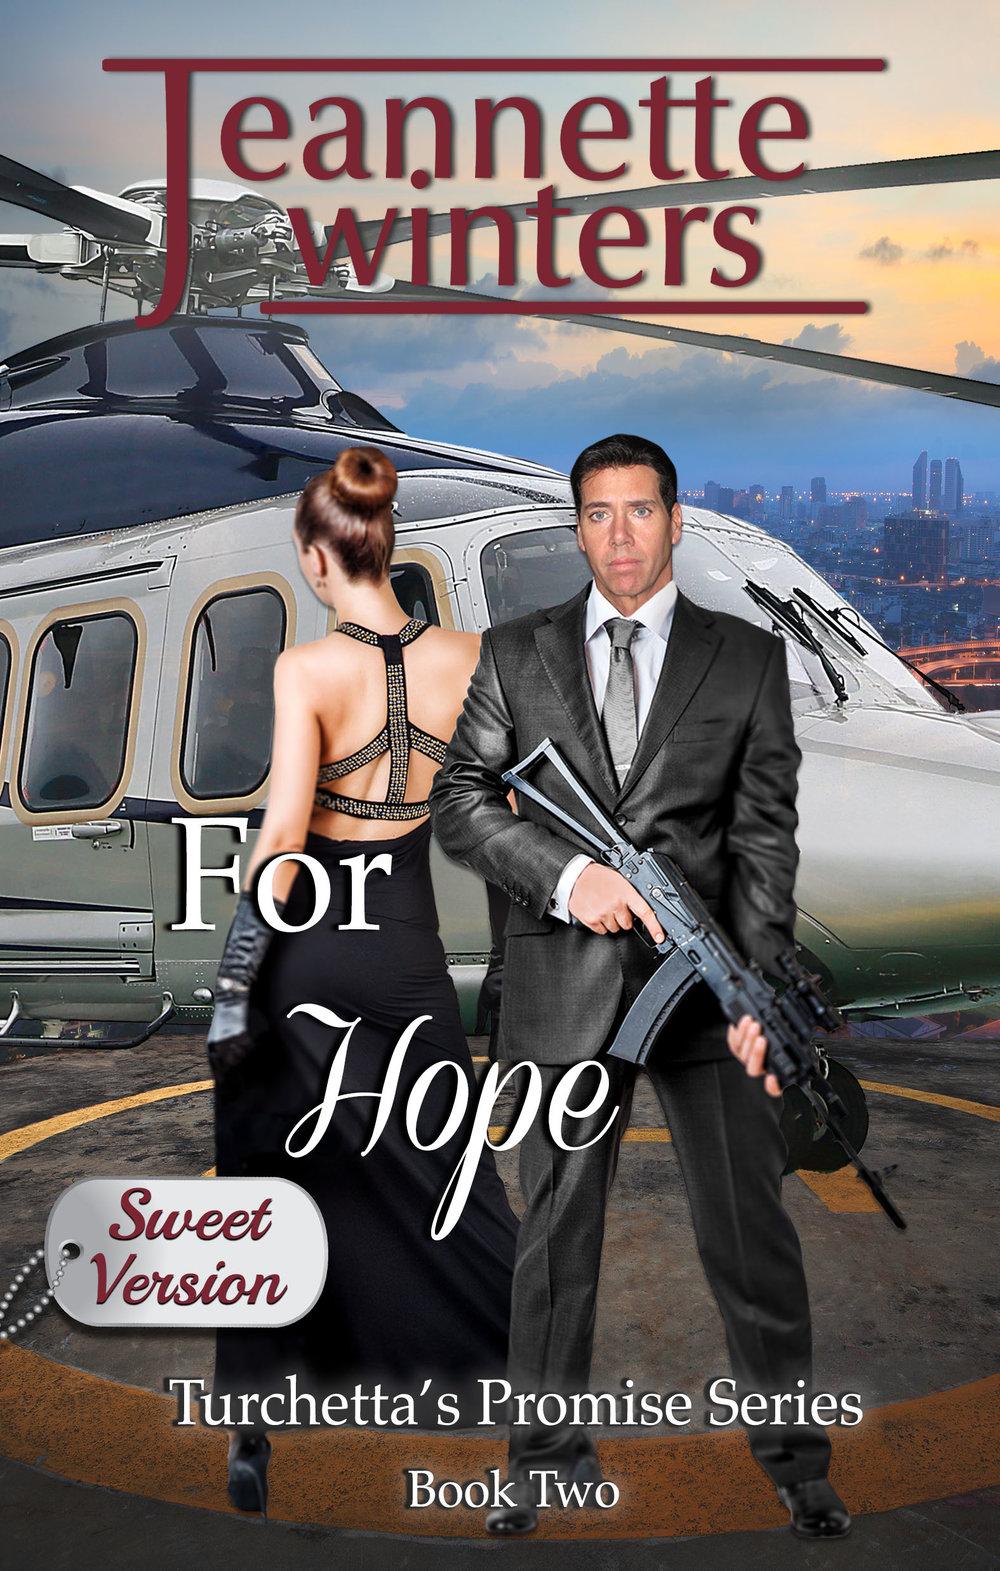 2 For Hope Sweet Version.jpg